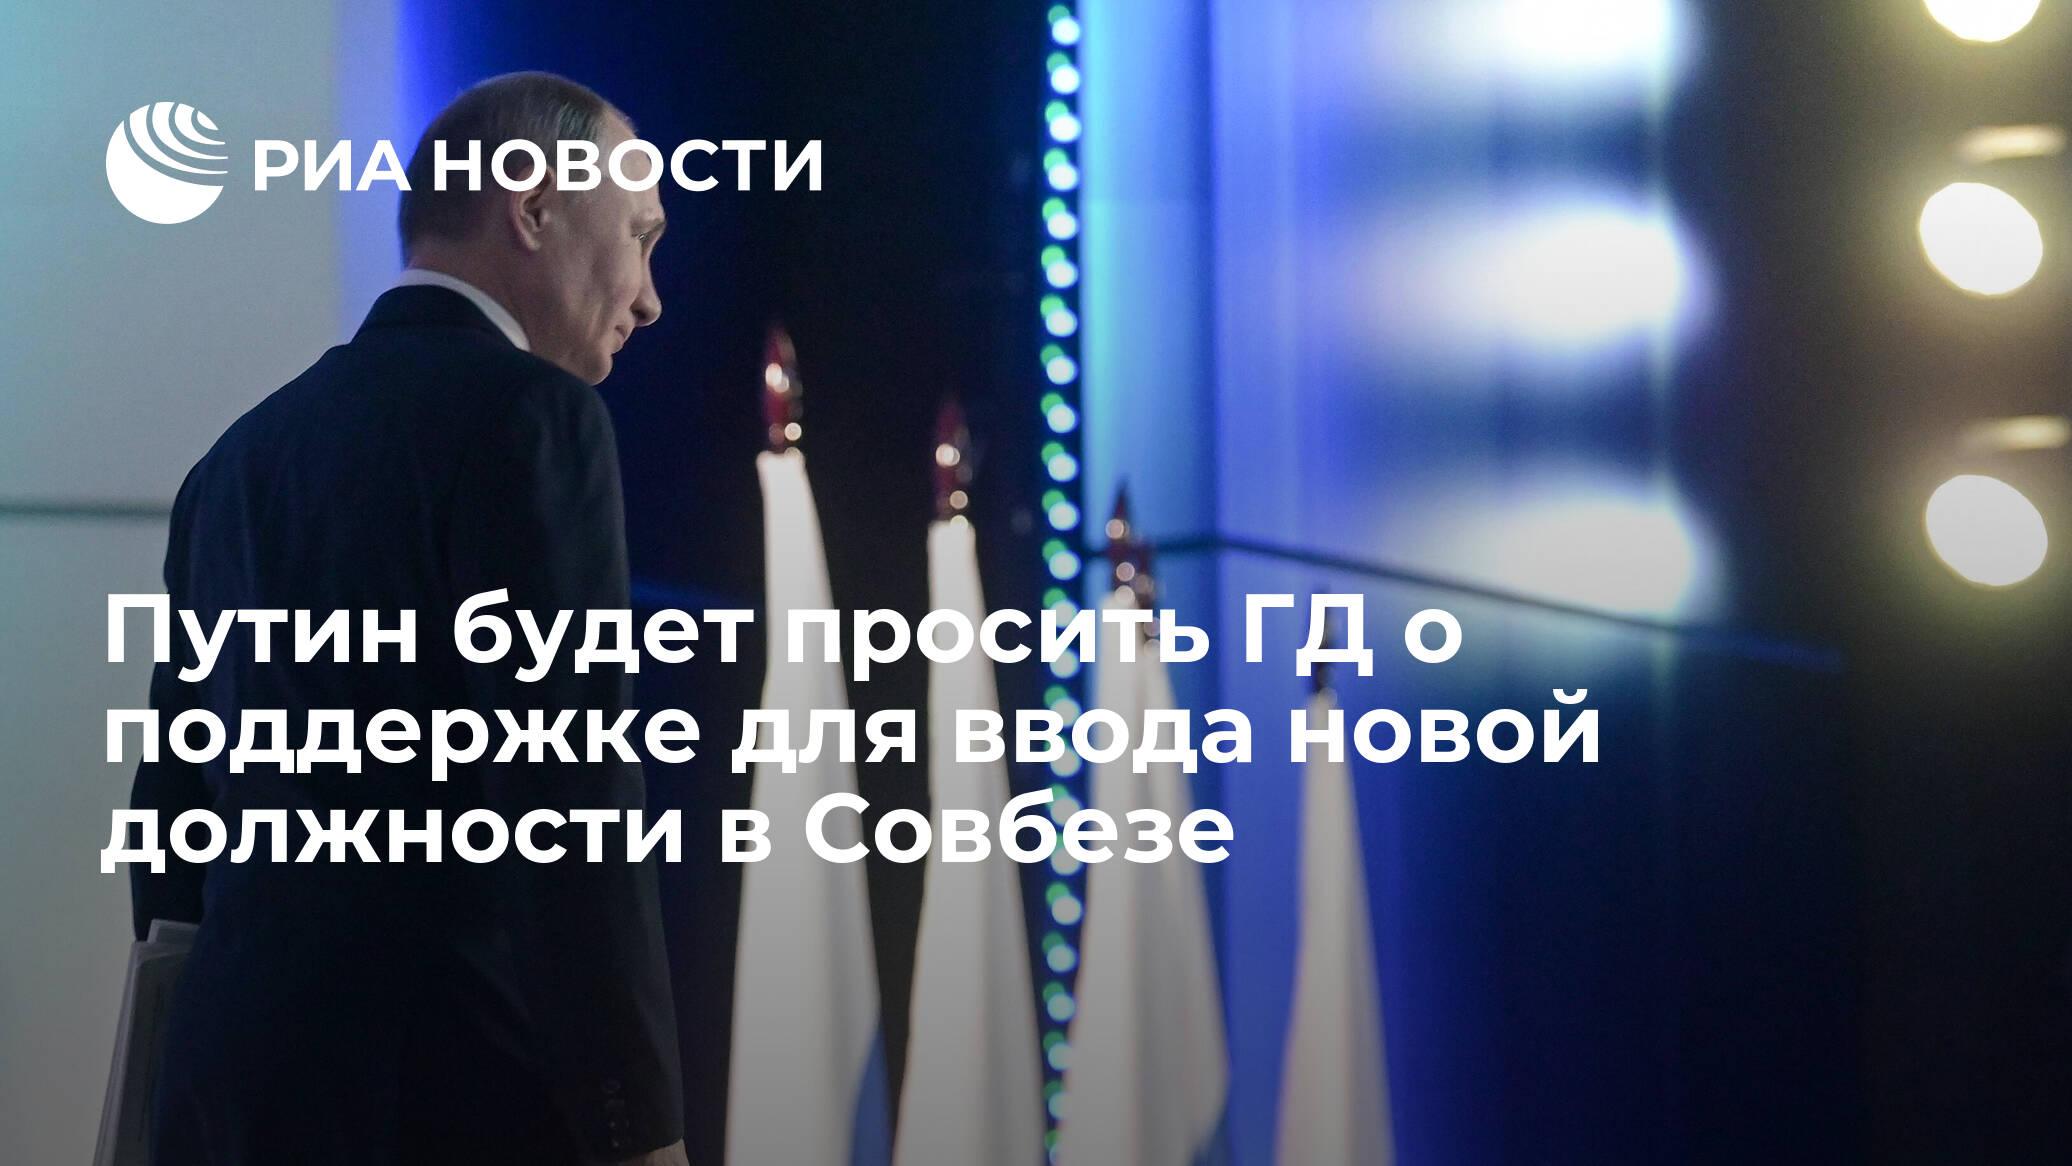 Путин будет просить ГД о поддержке для ввода новой должности в Совбезе